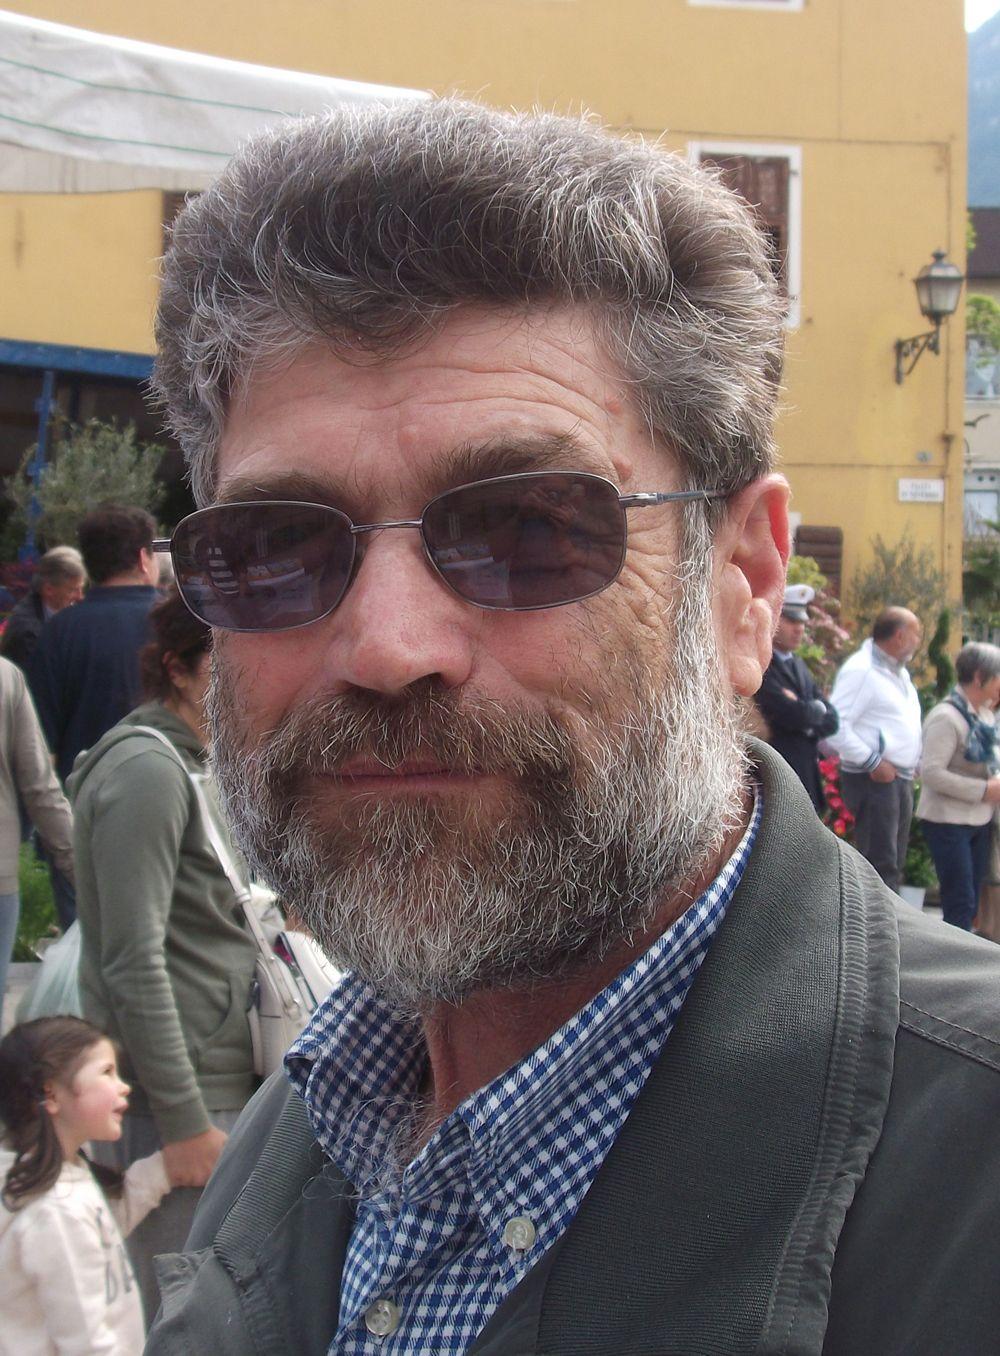 """Giuliano Fietta, pensionato, Spera: """"Io voto sì perché l'unione fa la forza e abbatte i campanilismi"""""""